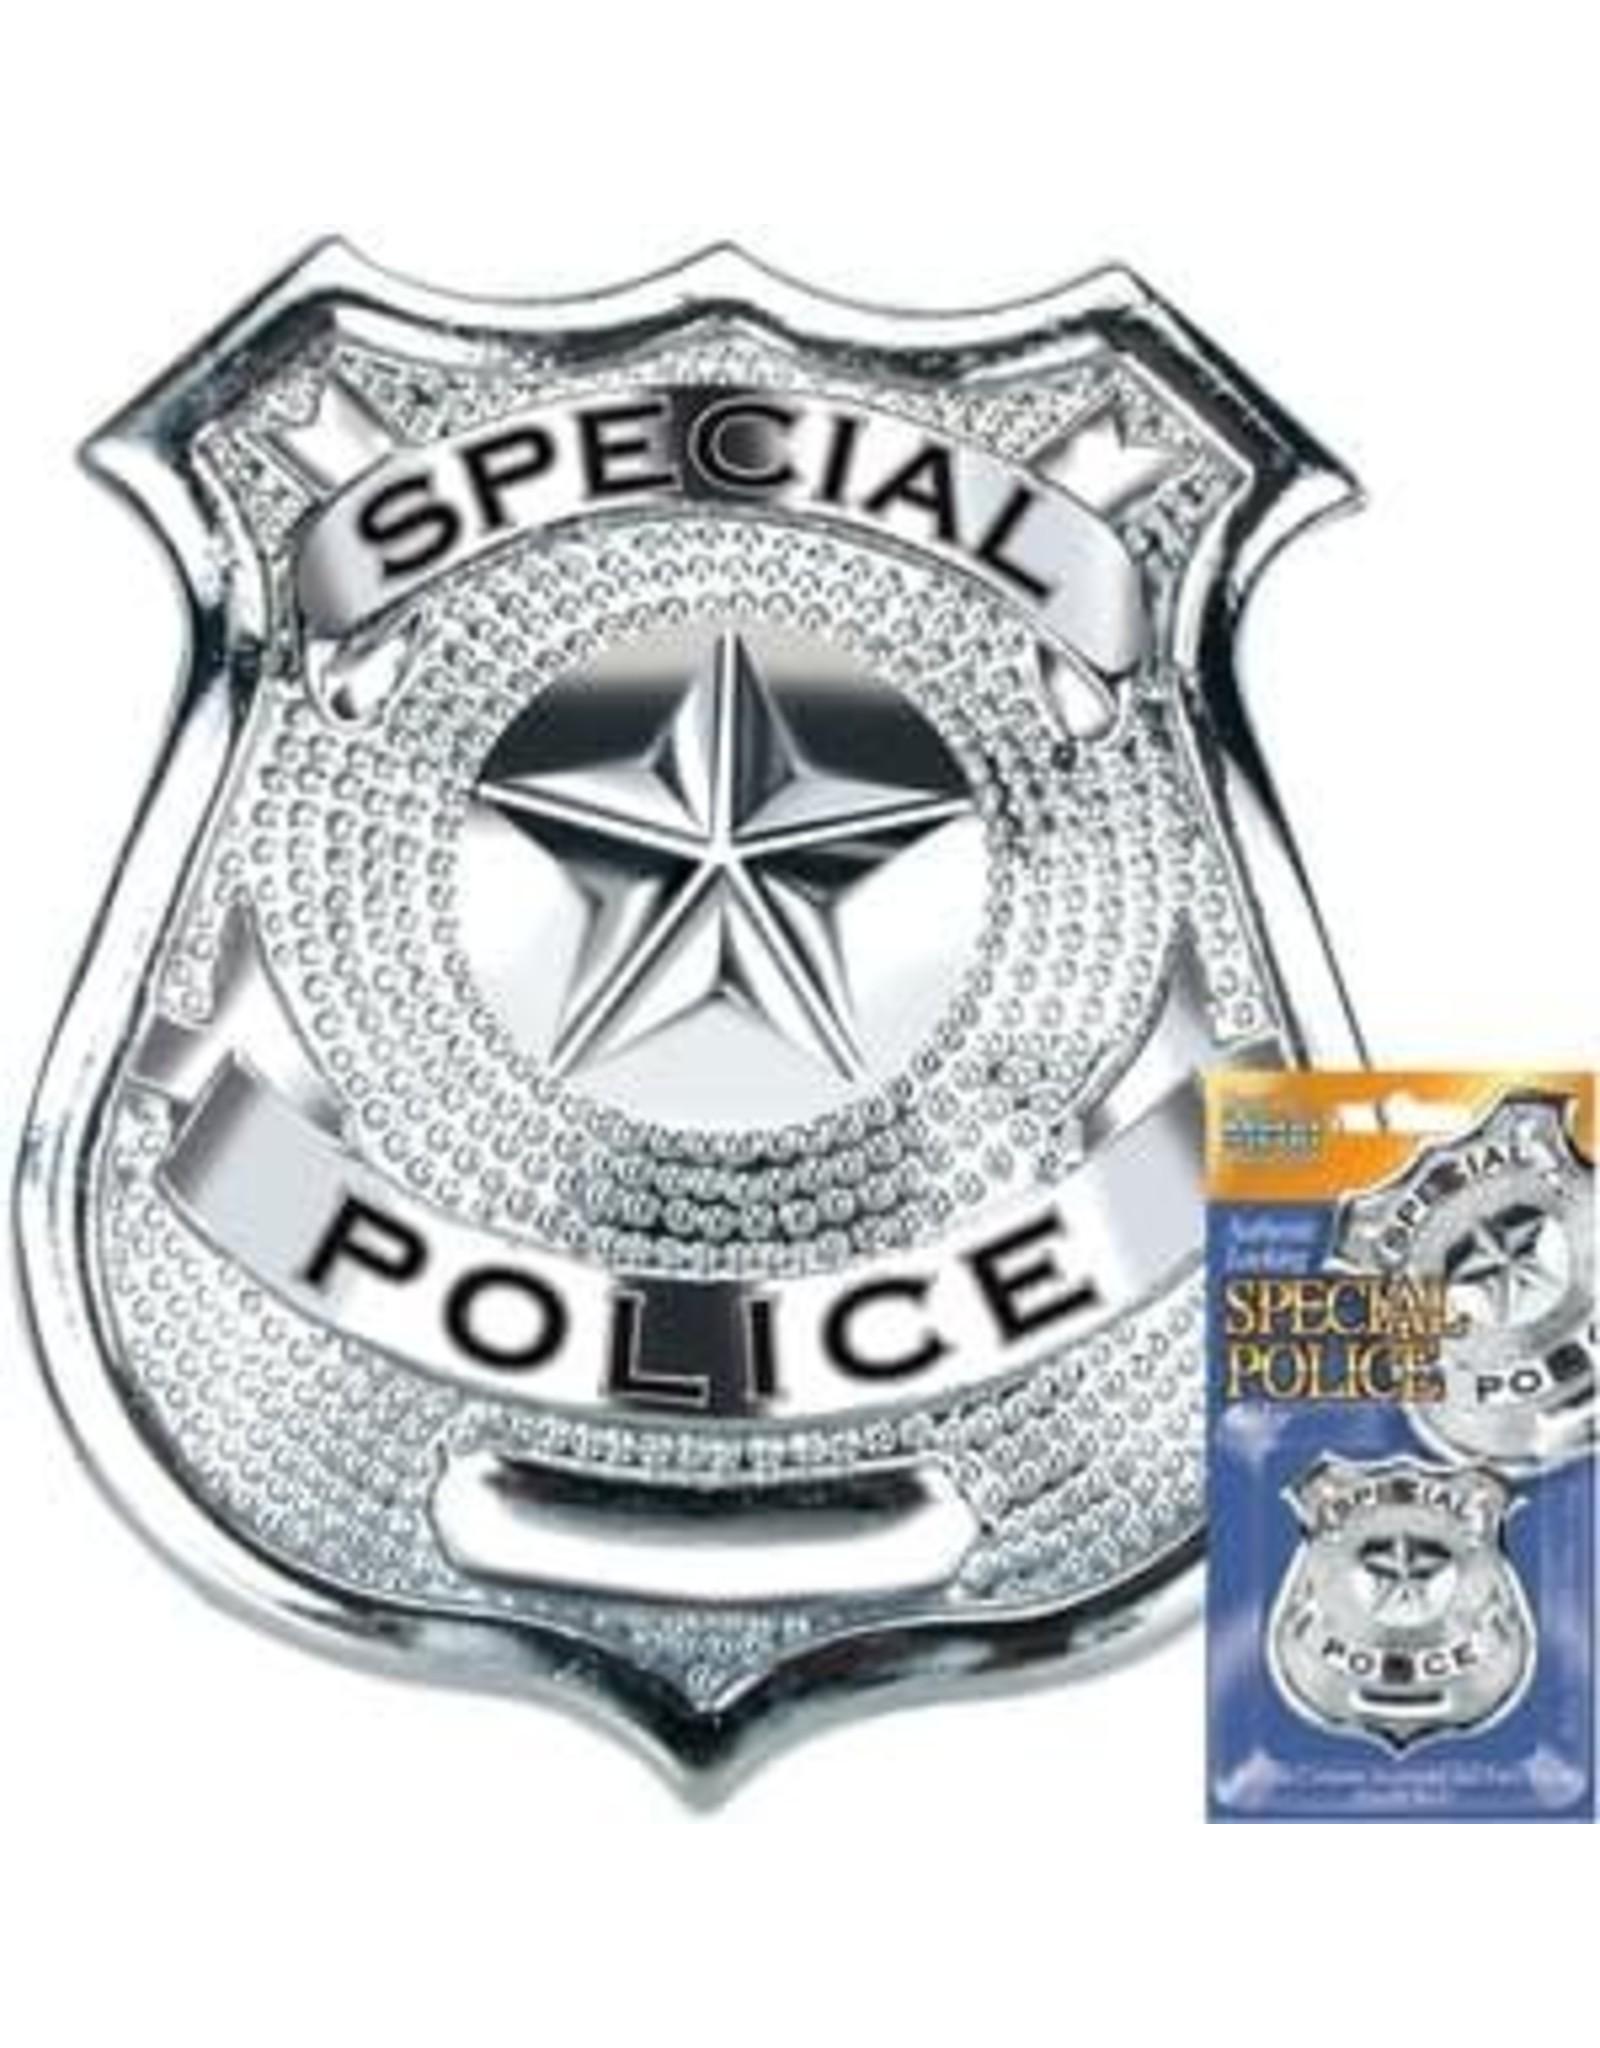 Loftus Special Police Badge